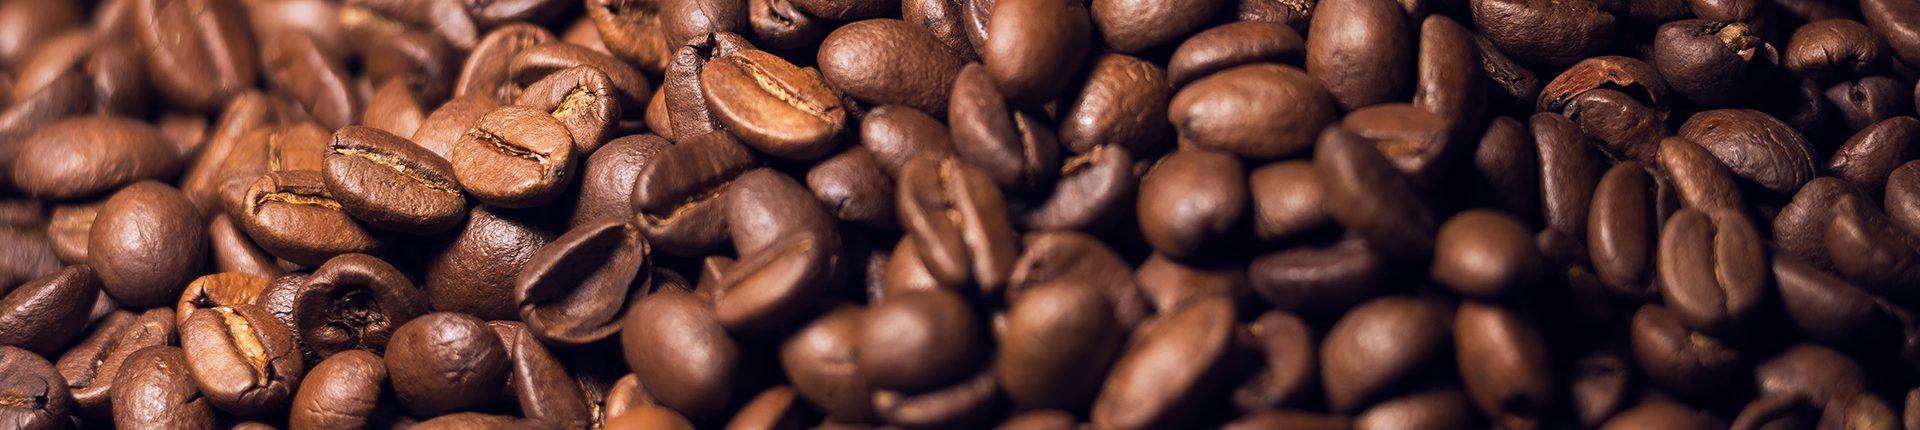 קפסולות קפה לבית